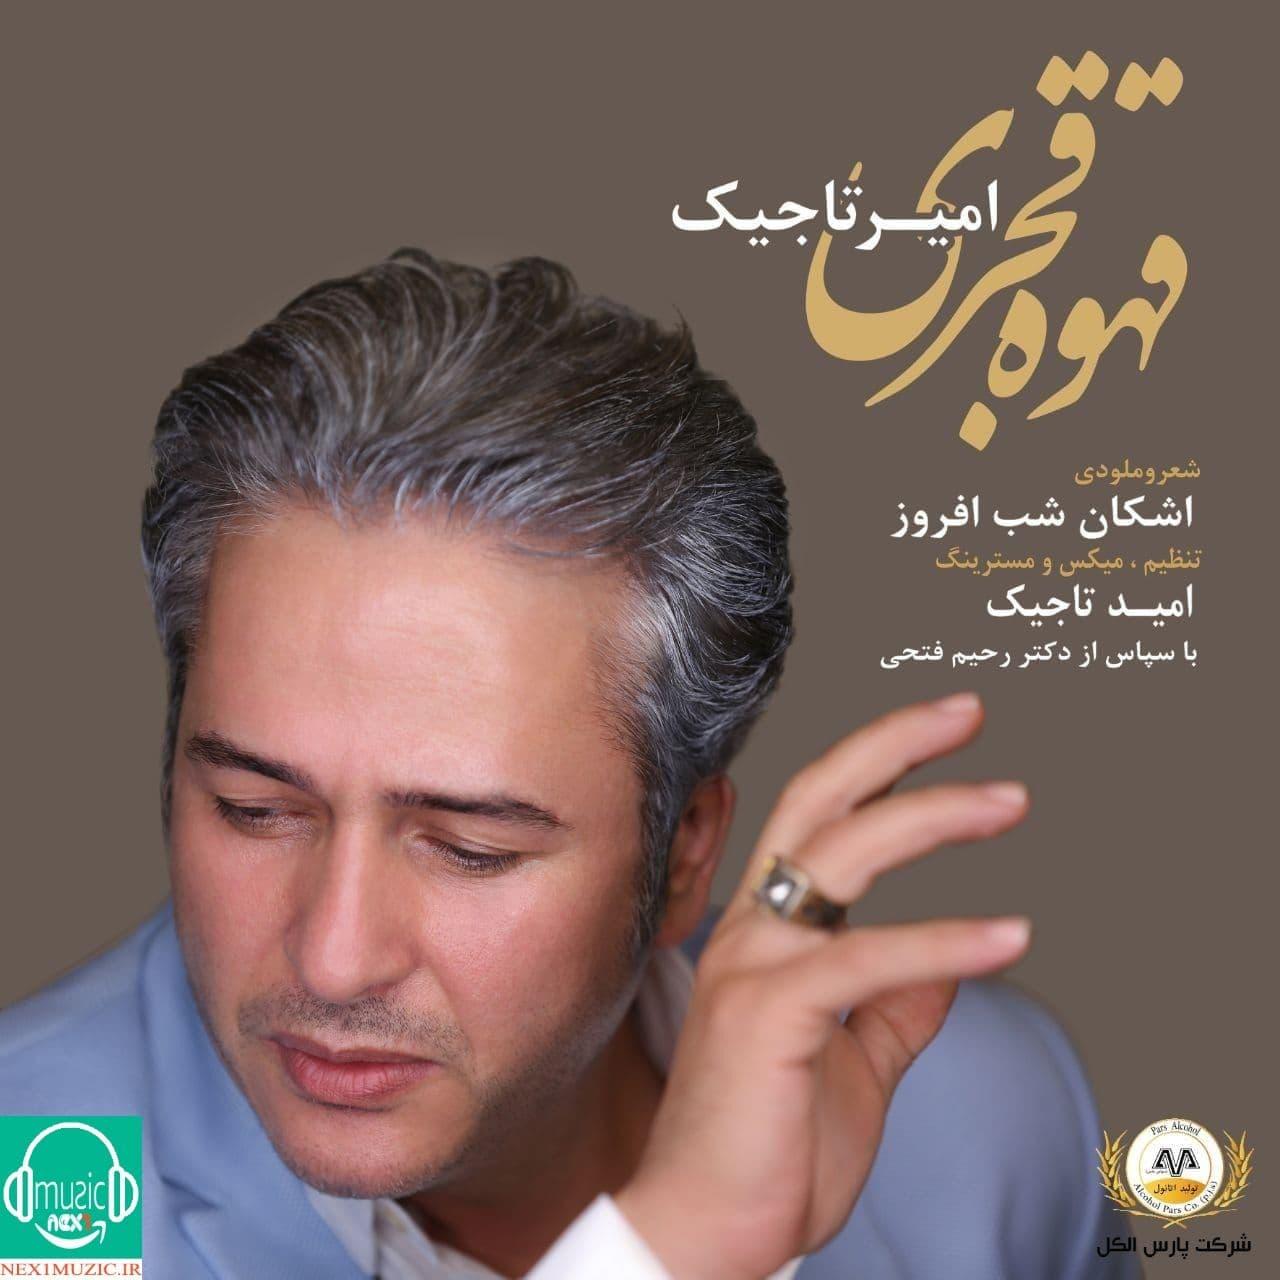 آهنگِ جدید و زیبایِ امیر تاجیک به نامِ «قهوه قجری»